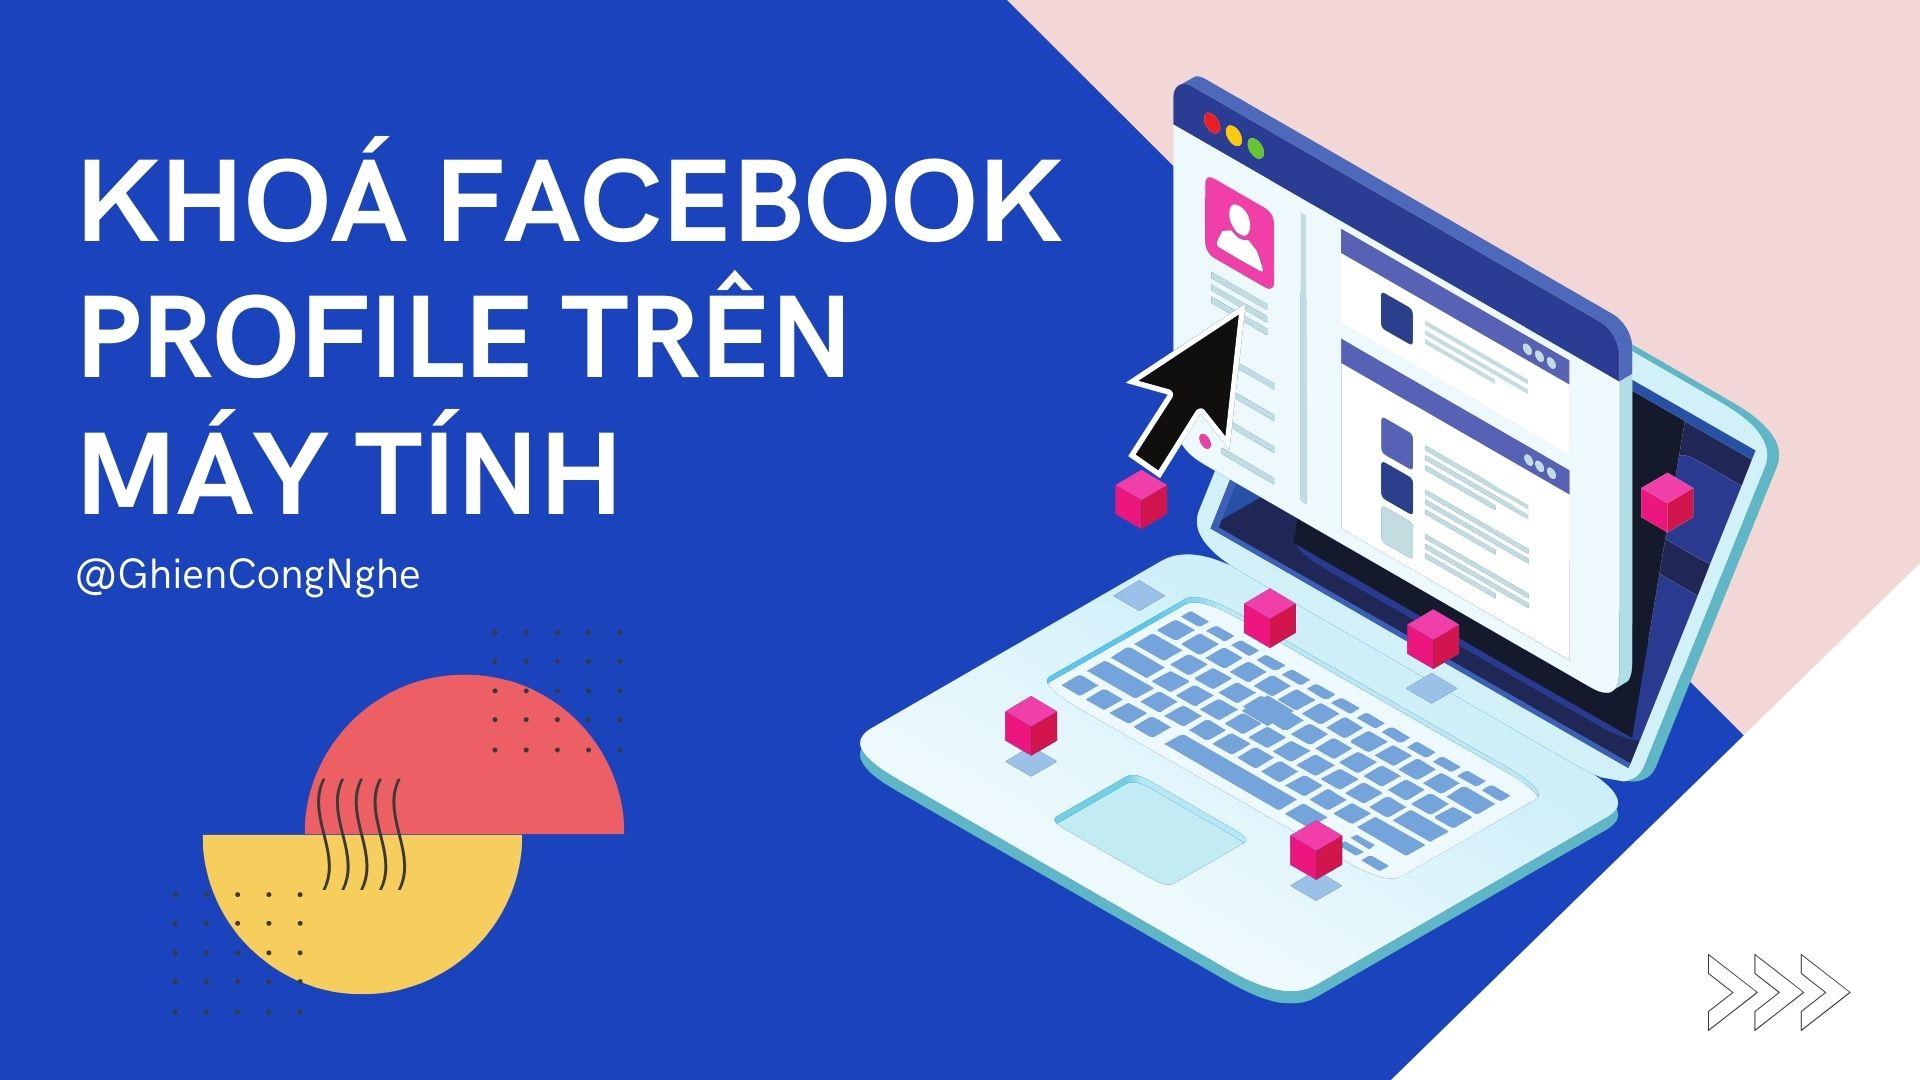 Cách khóa Facebook trên máy tính chỉ với 6 bước đơn giản